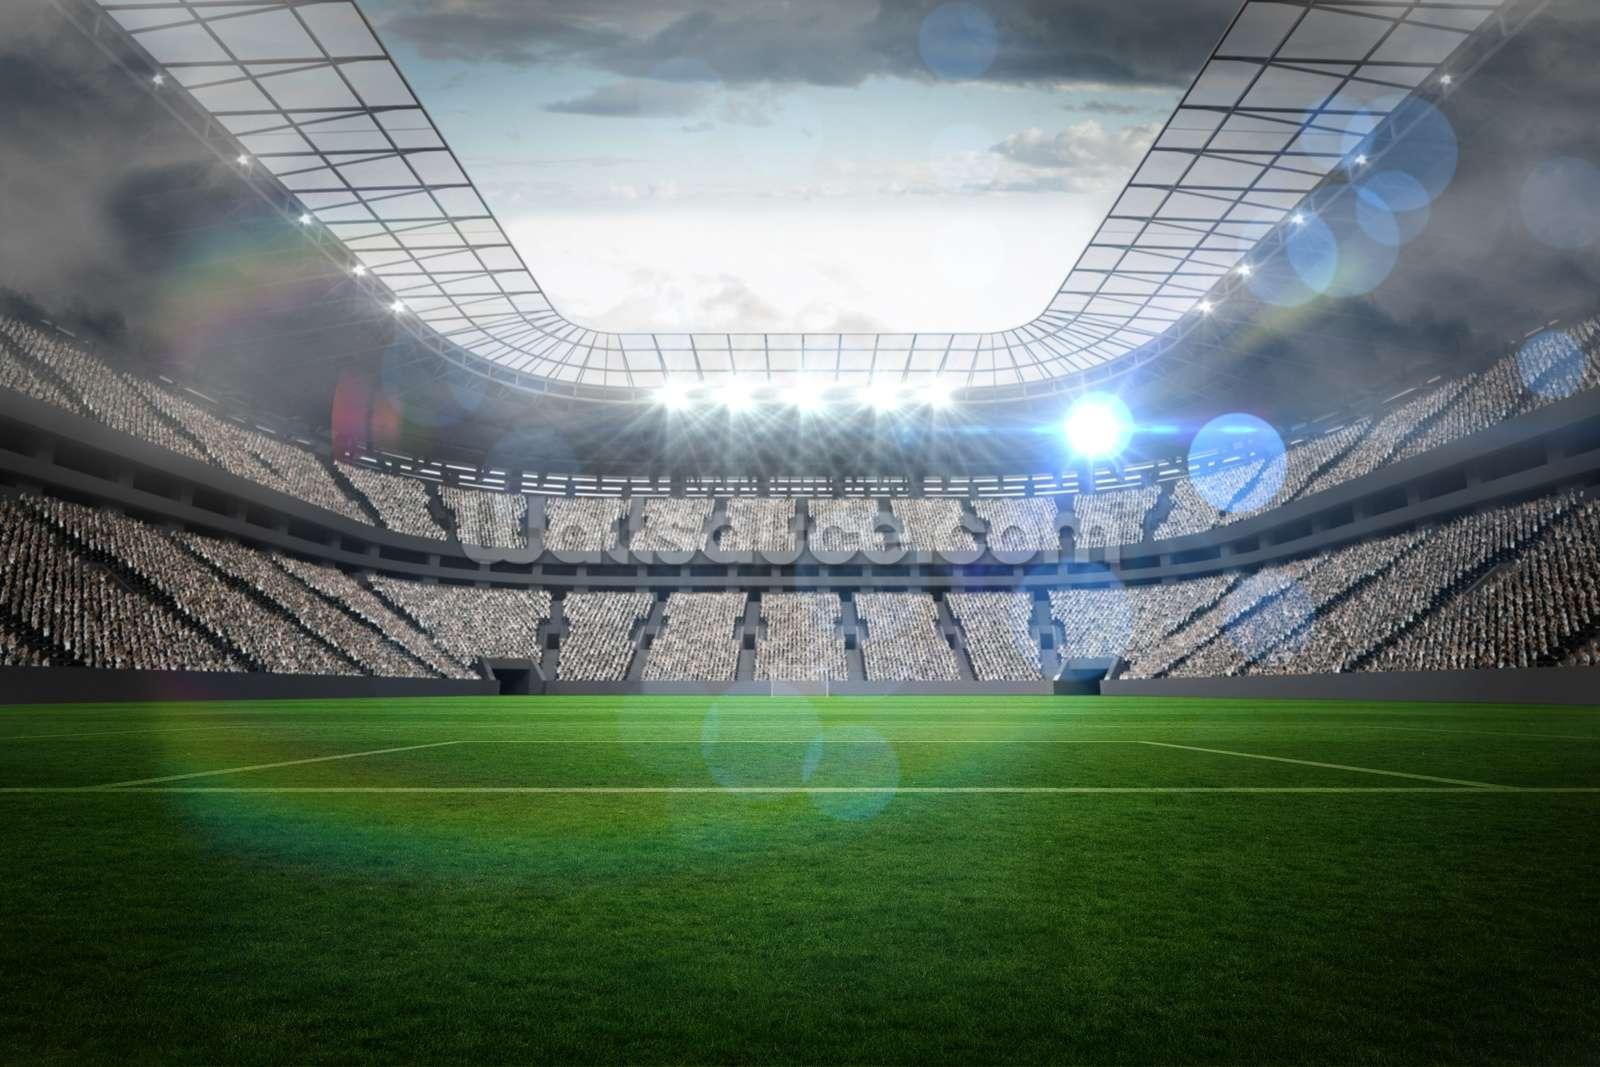 Oakland Raiders 3d Wallpaper Large Football Stadium With Lights Wallsauce Nz